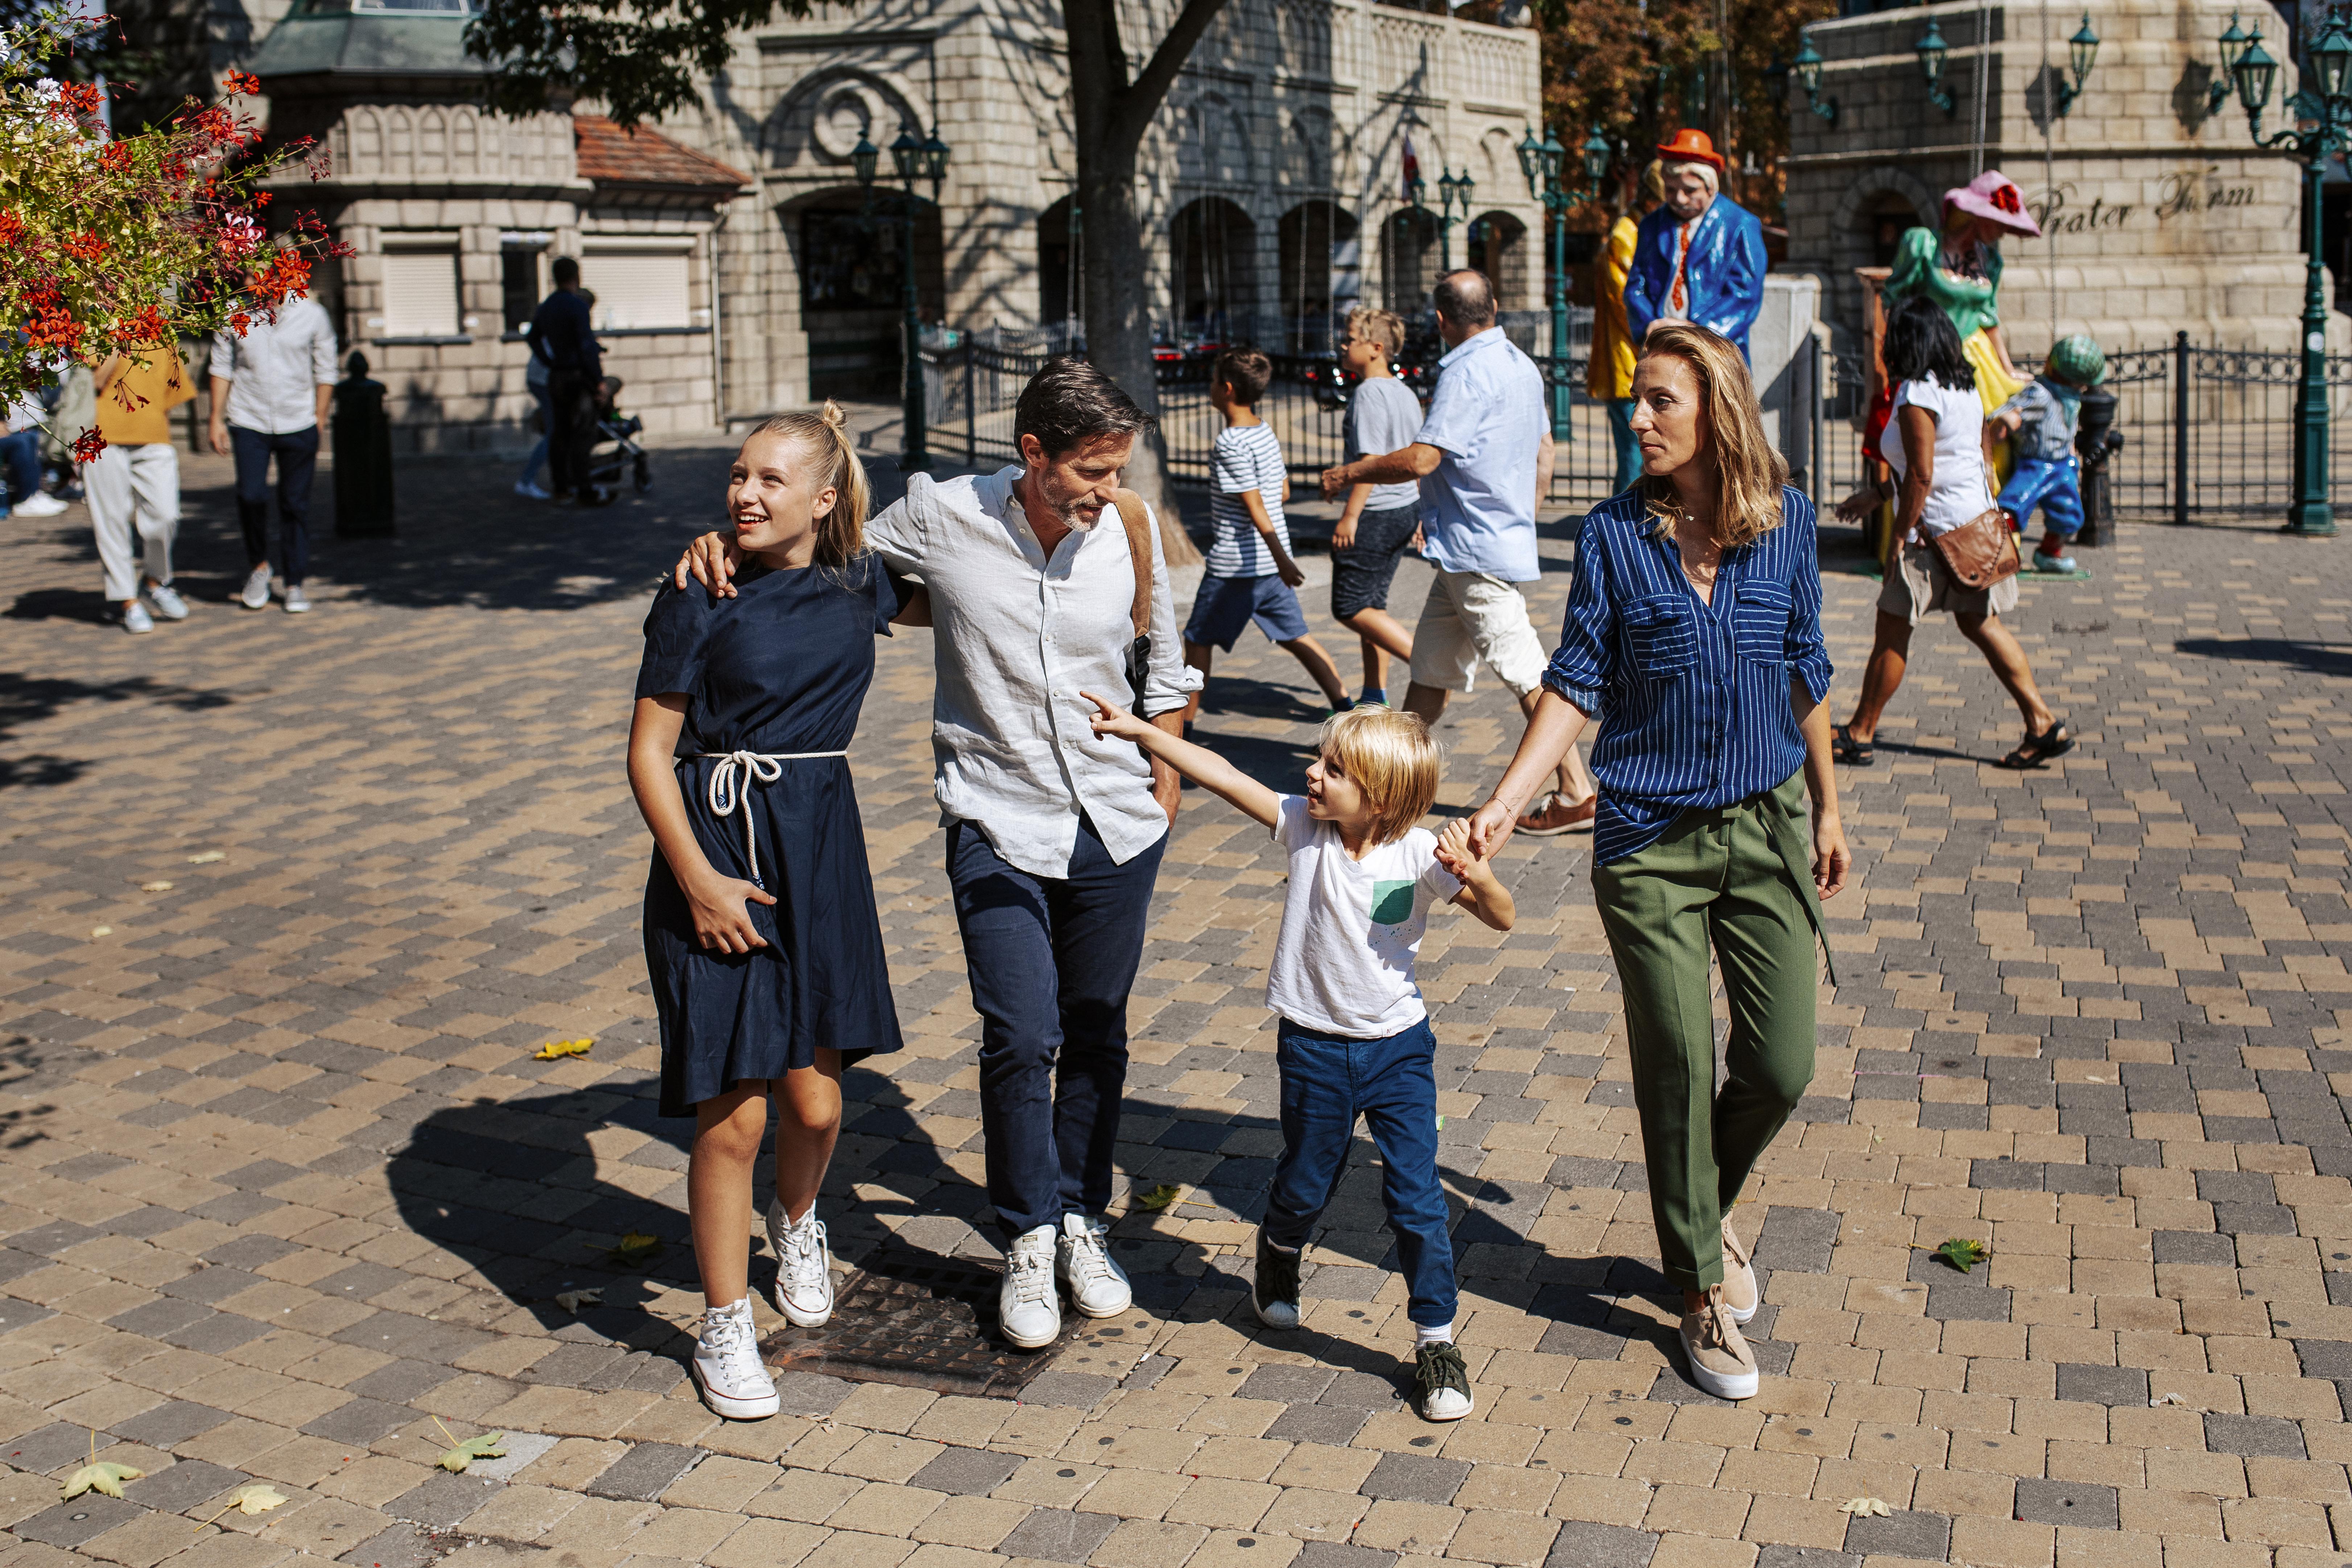 Viena é uma cidade preparada para entreter famílias com crianças. Foto: Divulgação/Paul Bauer